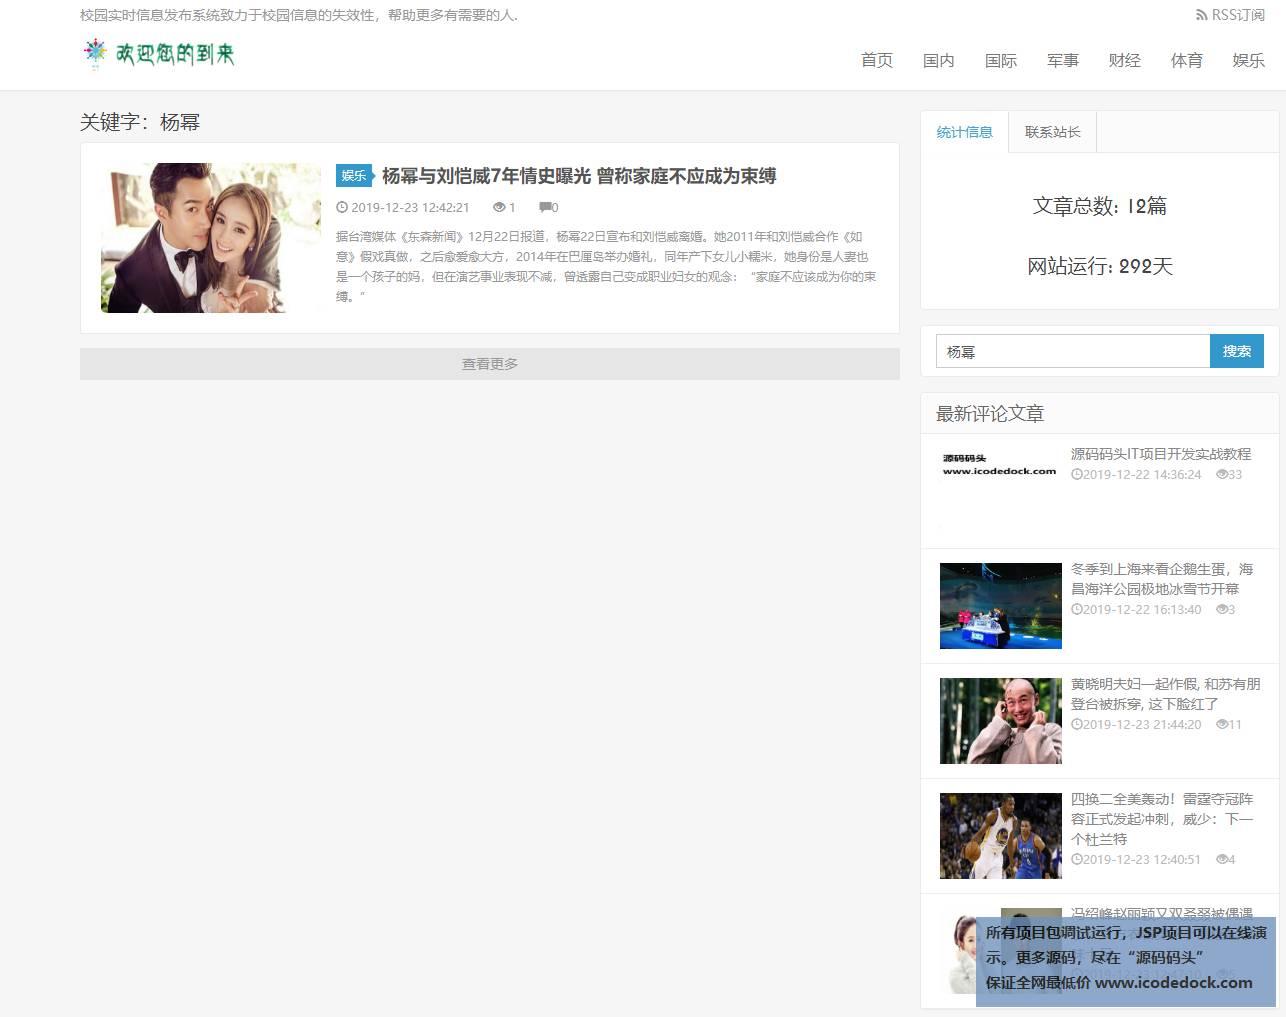 源码码头-SSM新闻发布管理系统-用户角色-新闻搜索